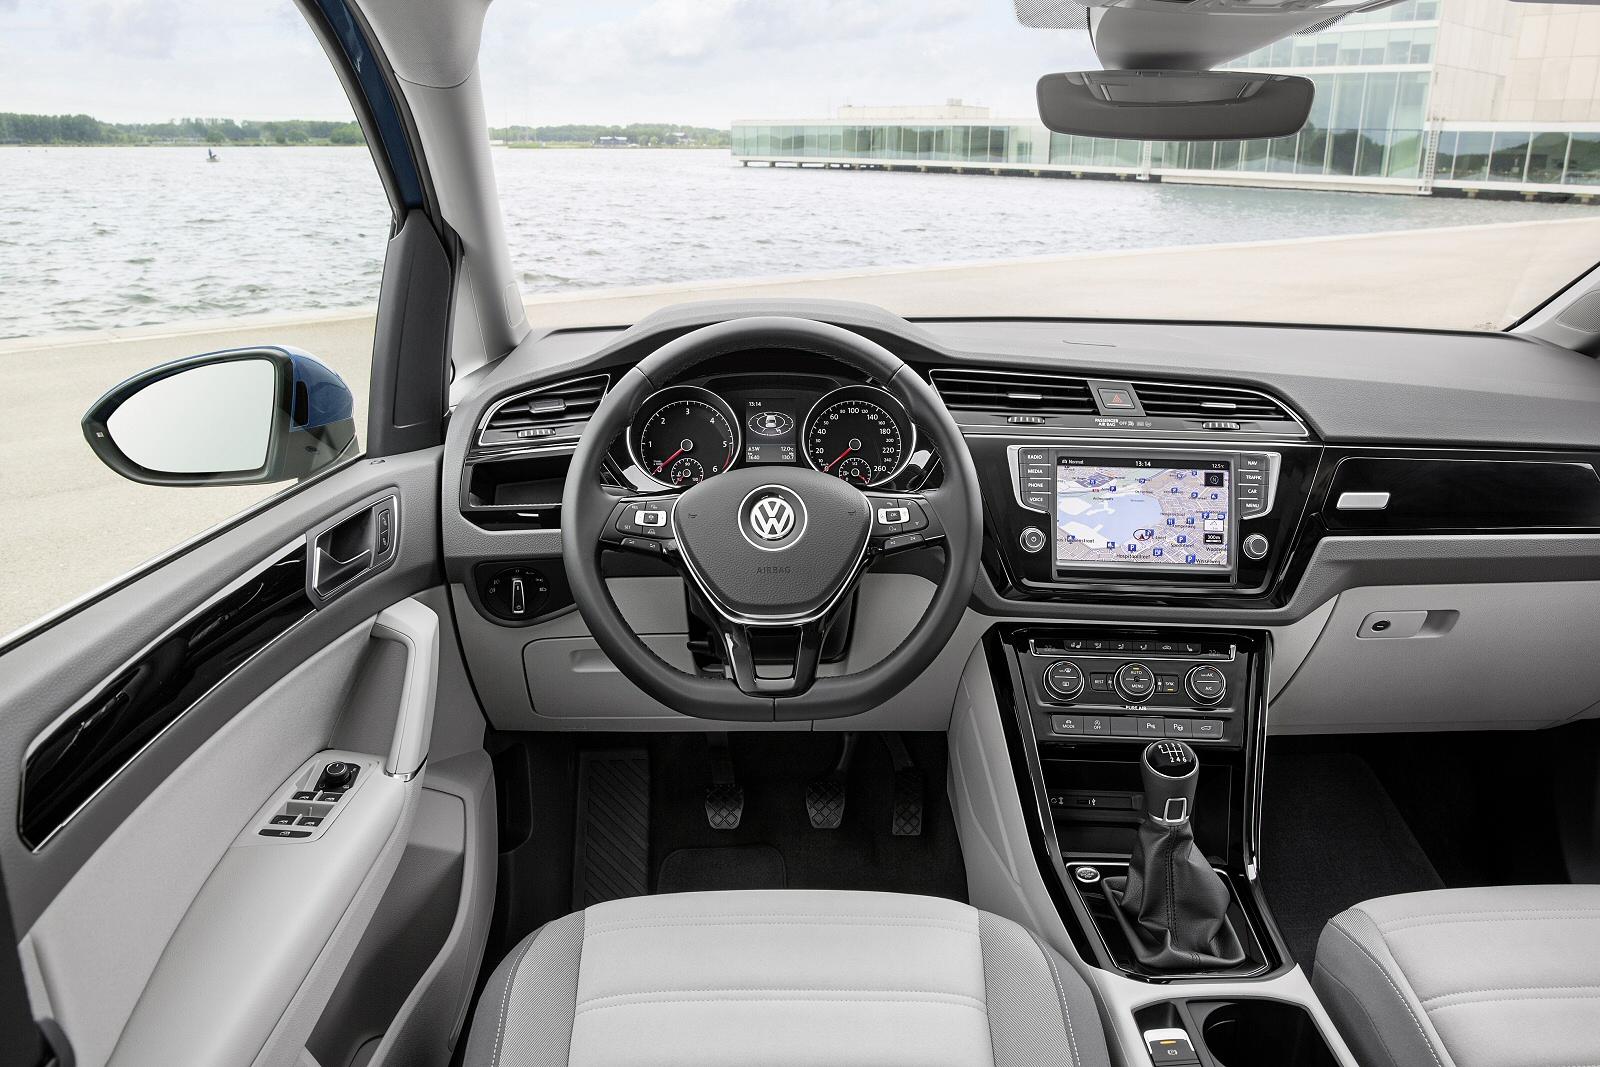 new volkswagen touran 1 4 tsi sel 5dr petrol estate for sale vertu volkswagen. Black Bedroom Furniture Sets. Home Design Ideas